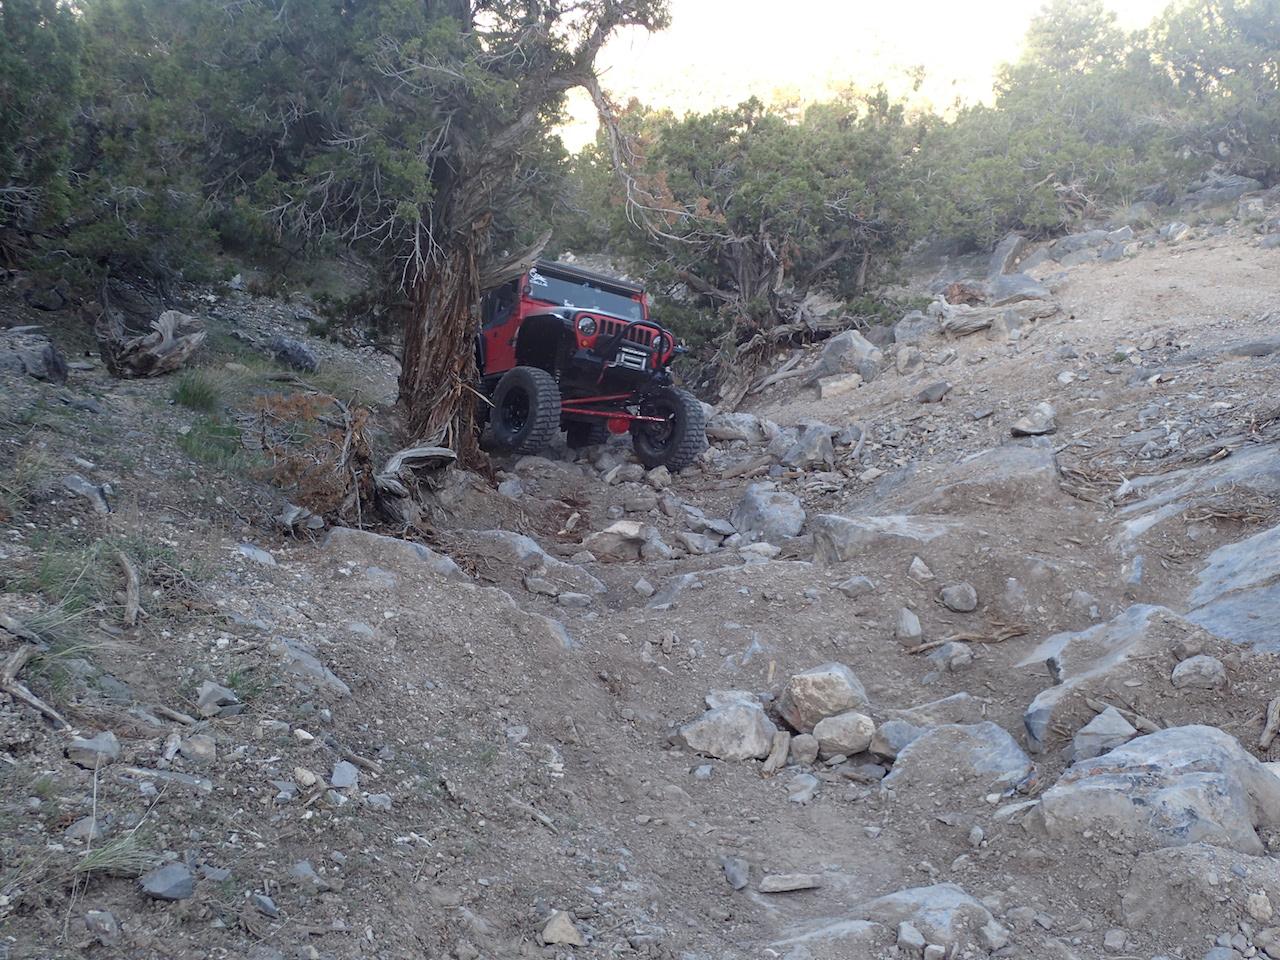 Sidewinder Exit - Waypoint 5: Hammered Tree Hill